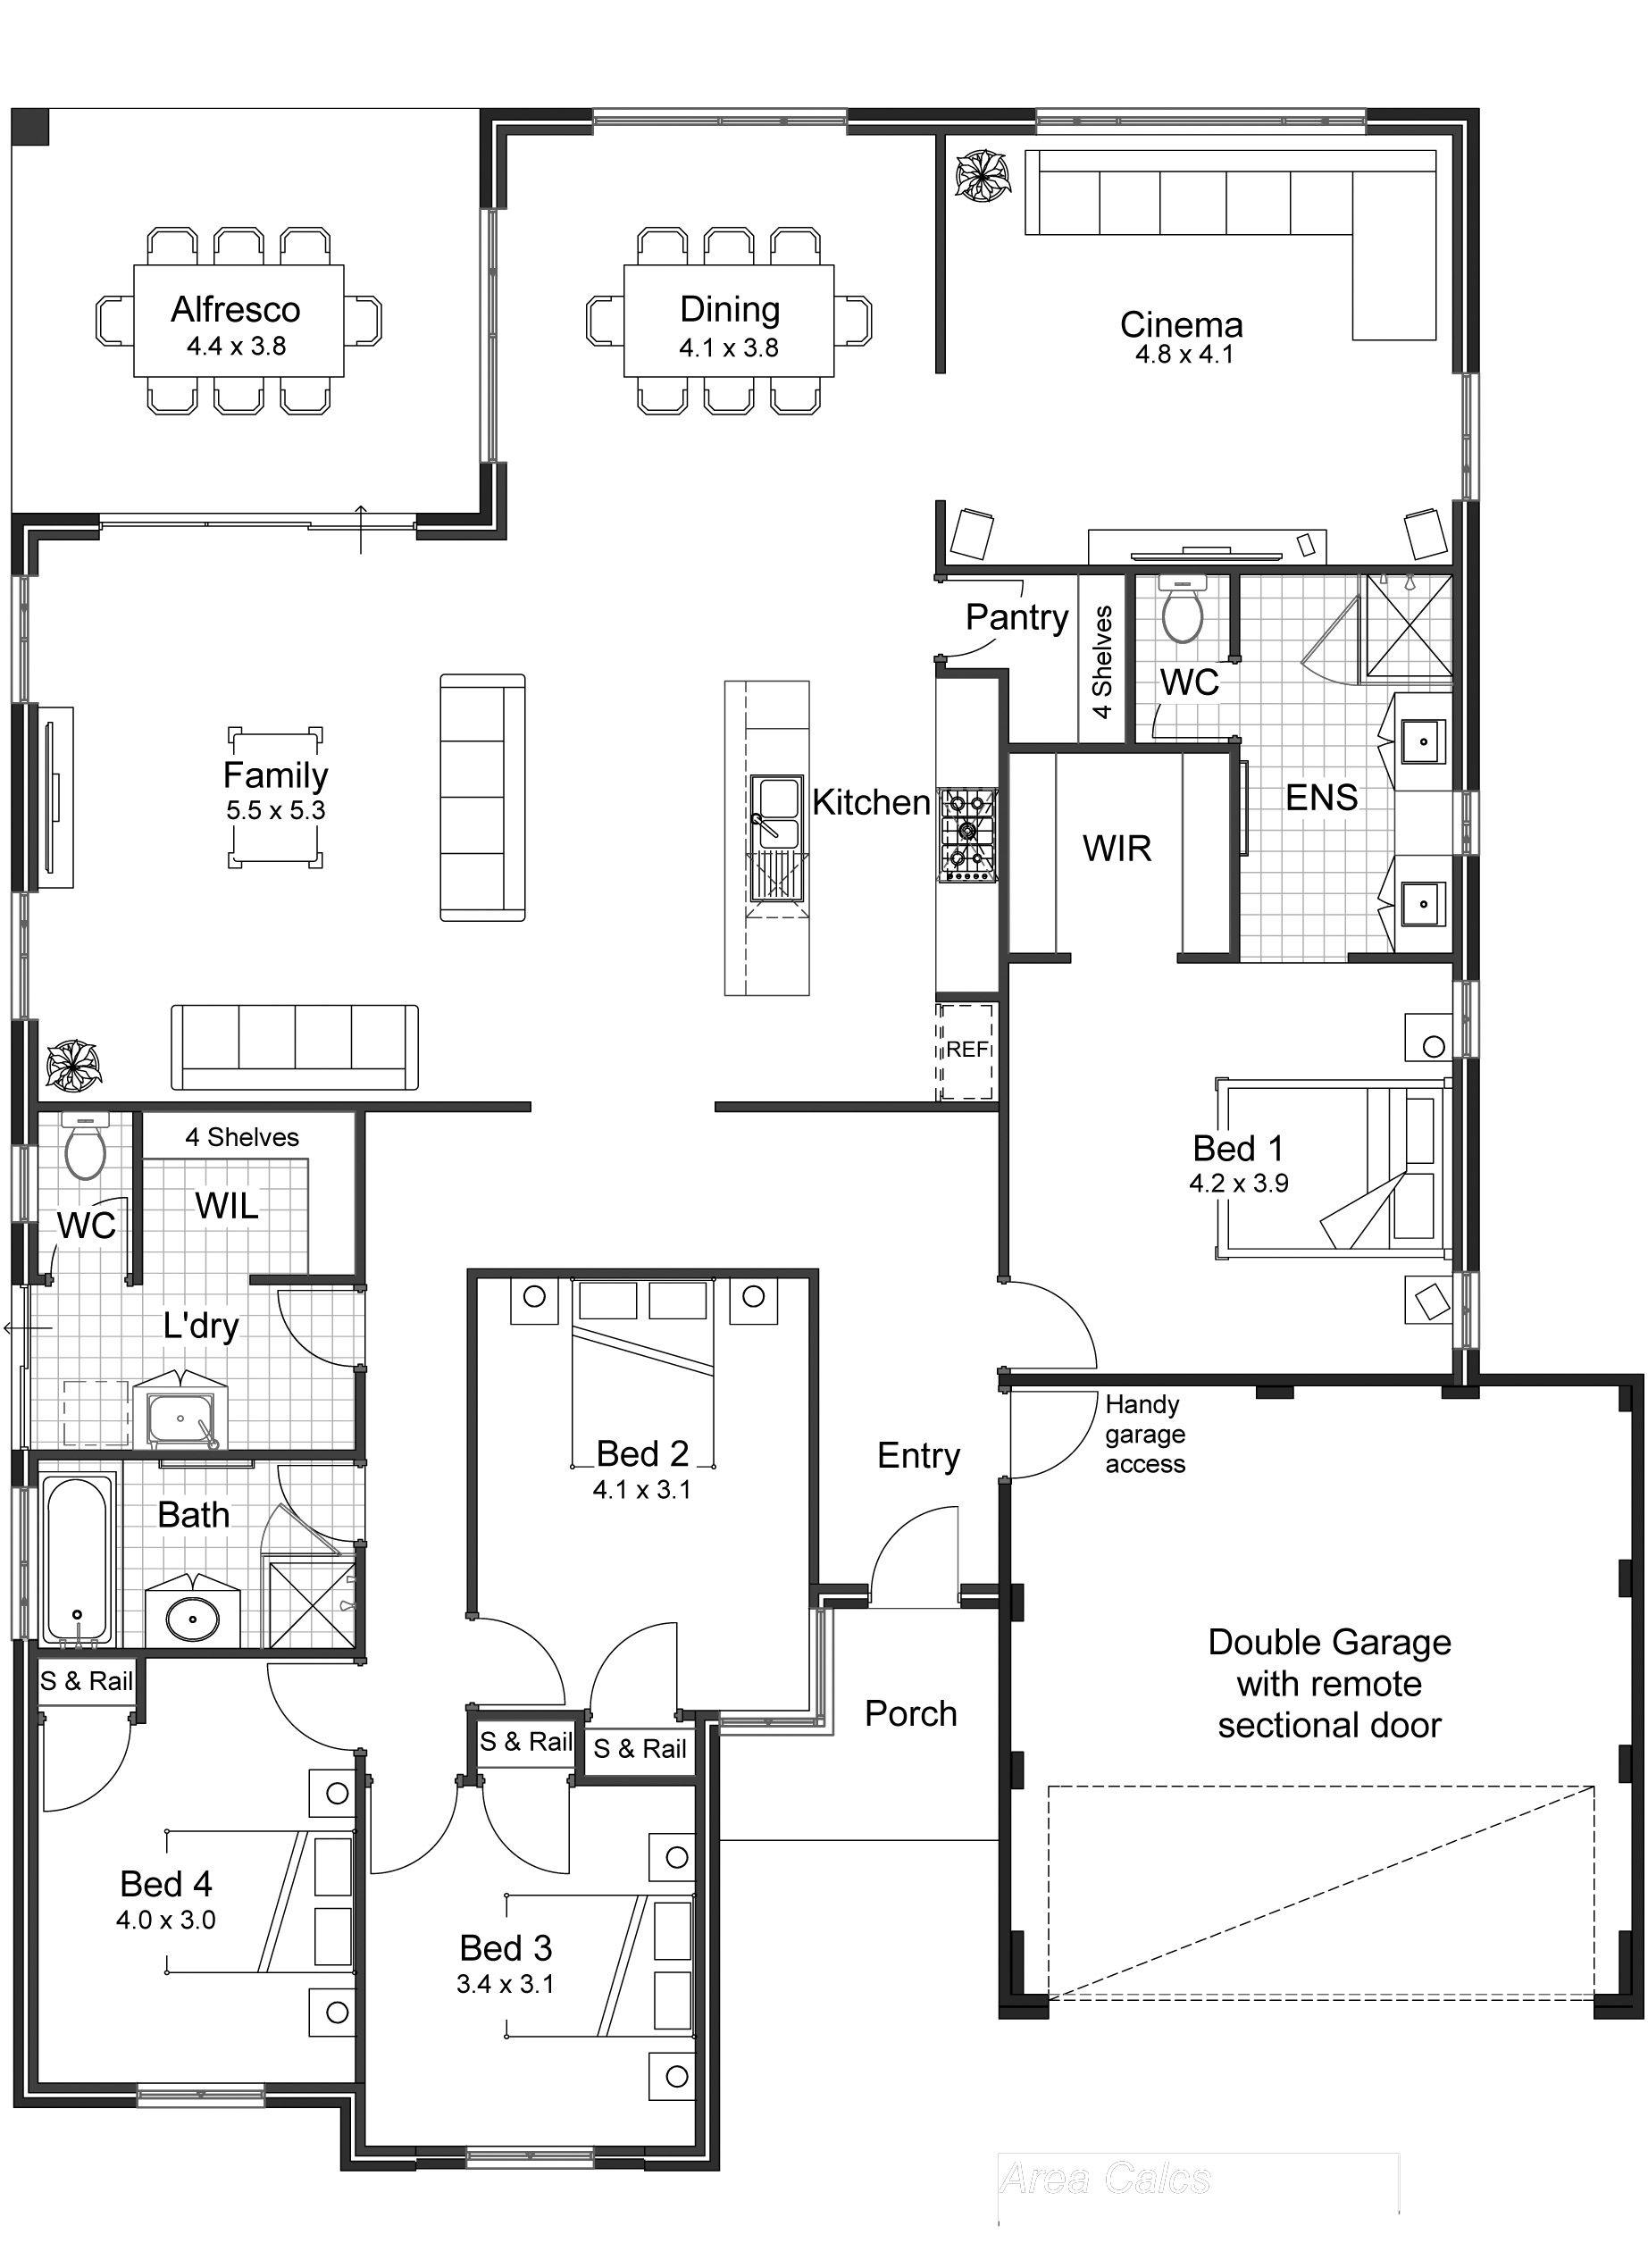 Unique Open Floor Plans Open Plan Living The Sinatra Is An Innovative Floor Pla Open Floor House Plans Open Concept House Plans House Plans With Pictures